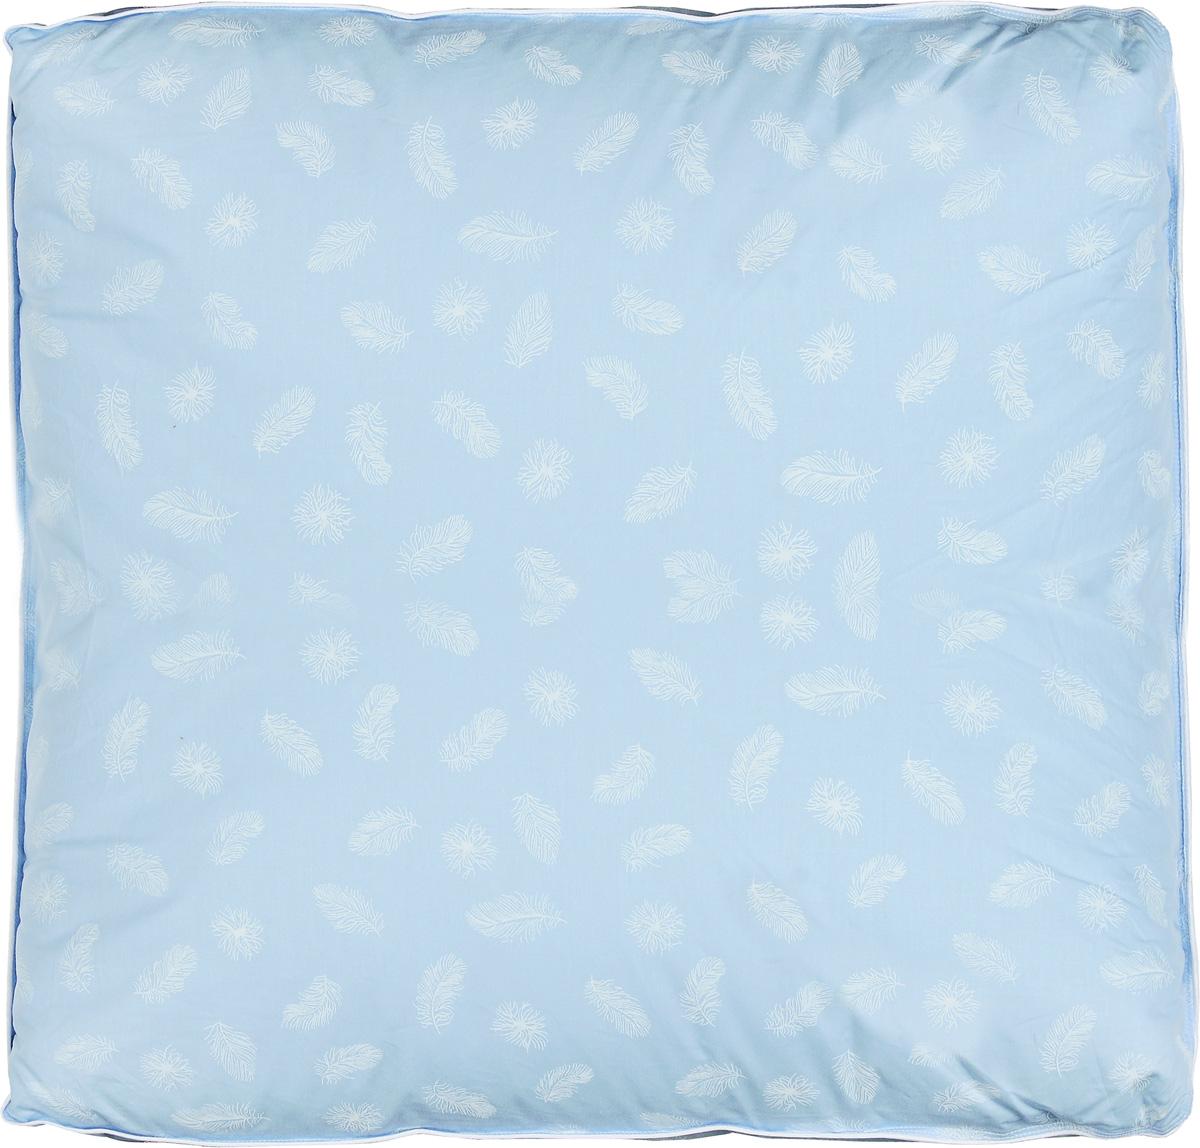 купить Подушка Легкие сны